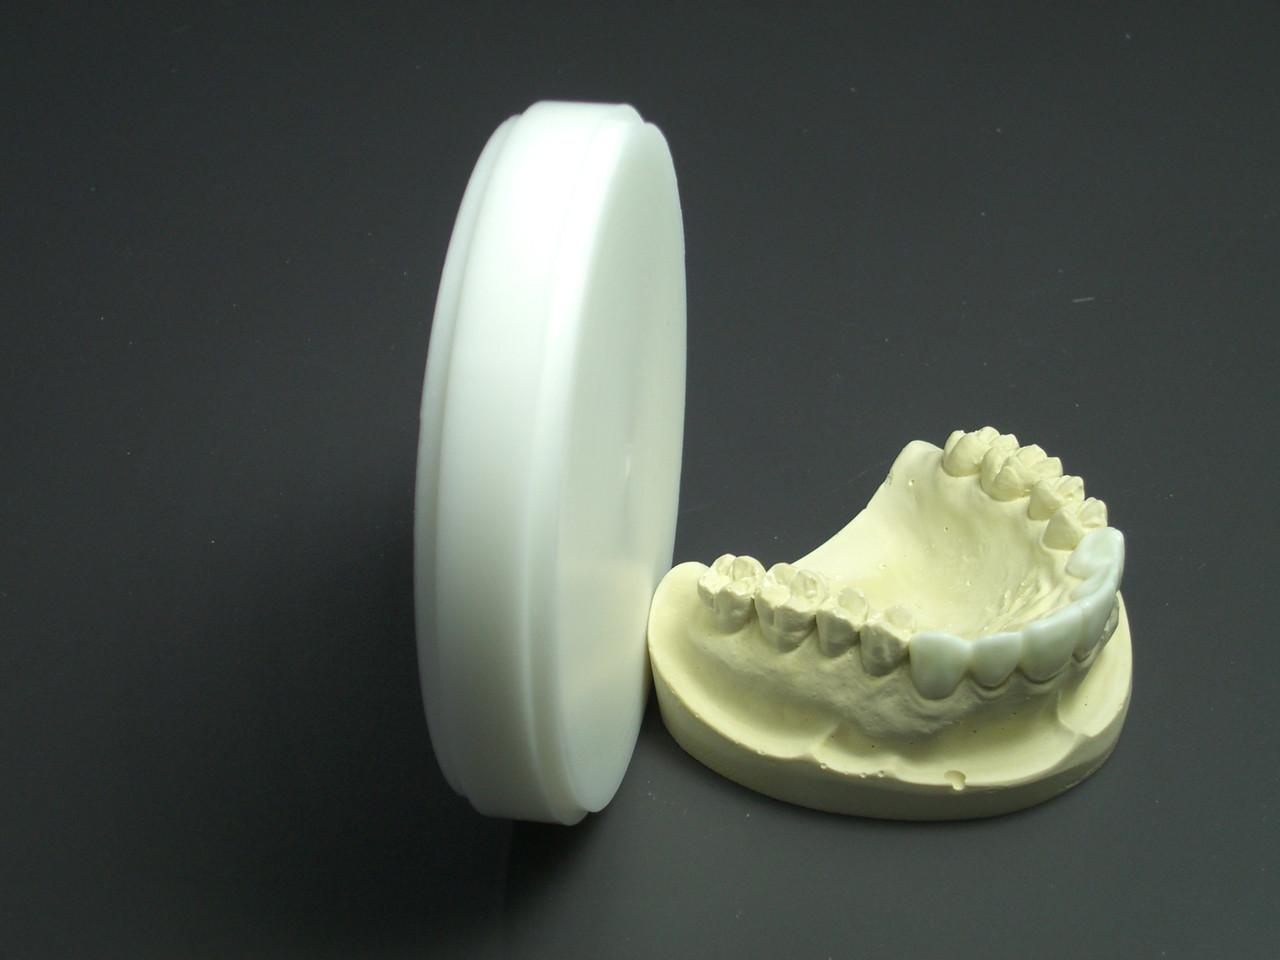 White 98mm disks for dental CAD/CAM